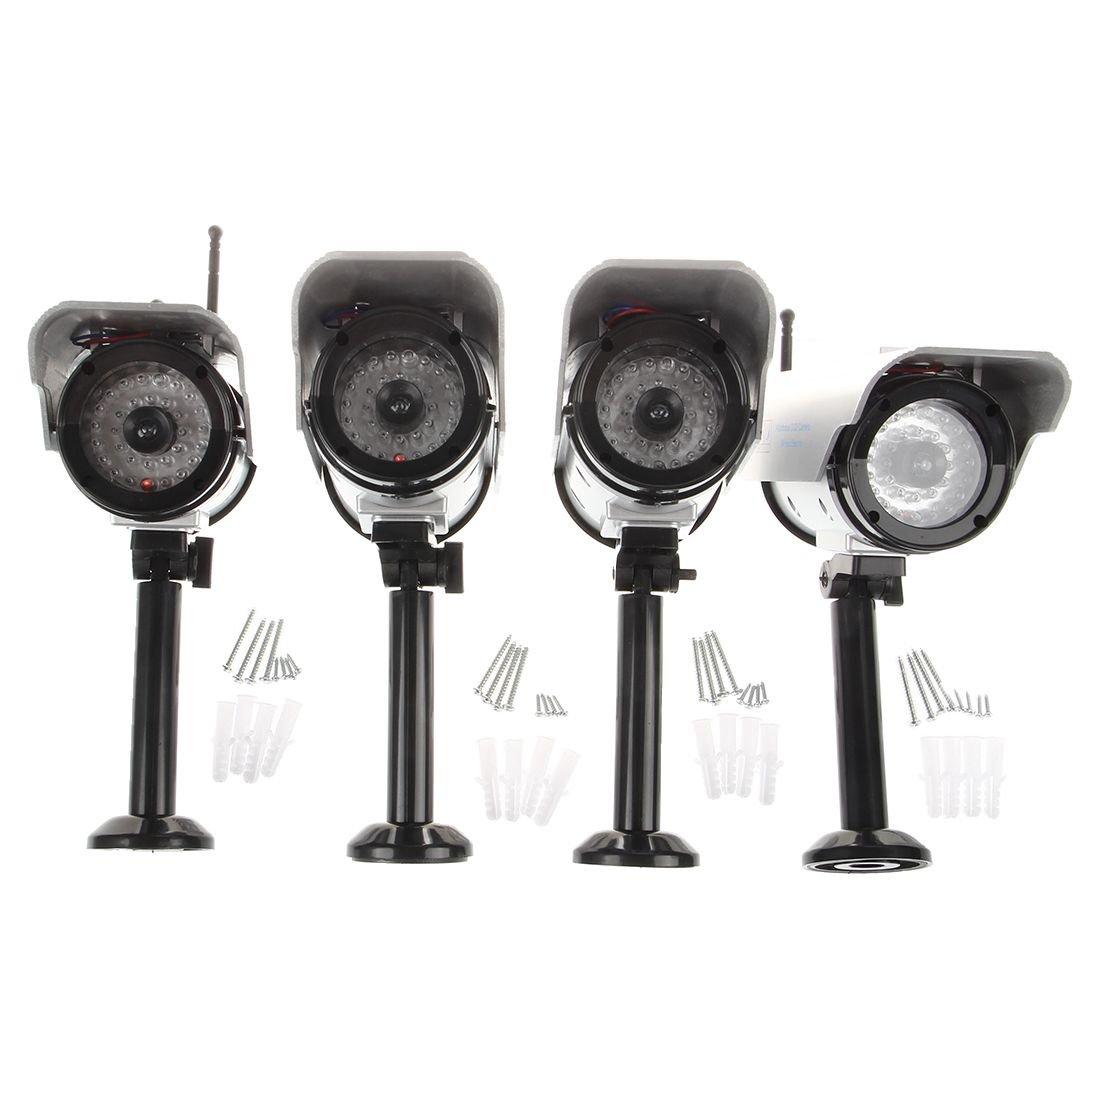 Dcolor Lot de 4 Camera Factice Fausse sans fil avec Panneau Solaire Dummy Camera Camera CCTV Securite Surveillance Exterieur avec rouge LED Argent